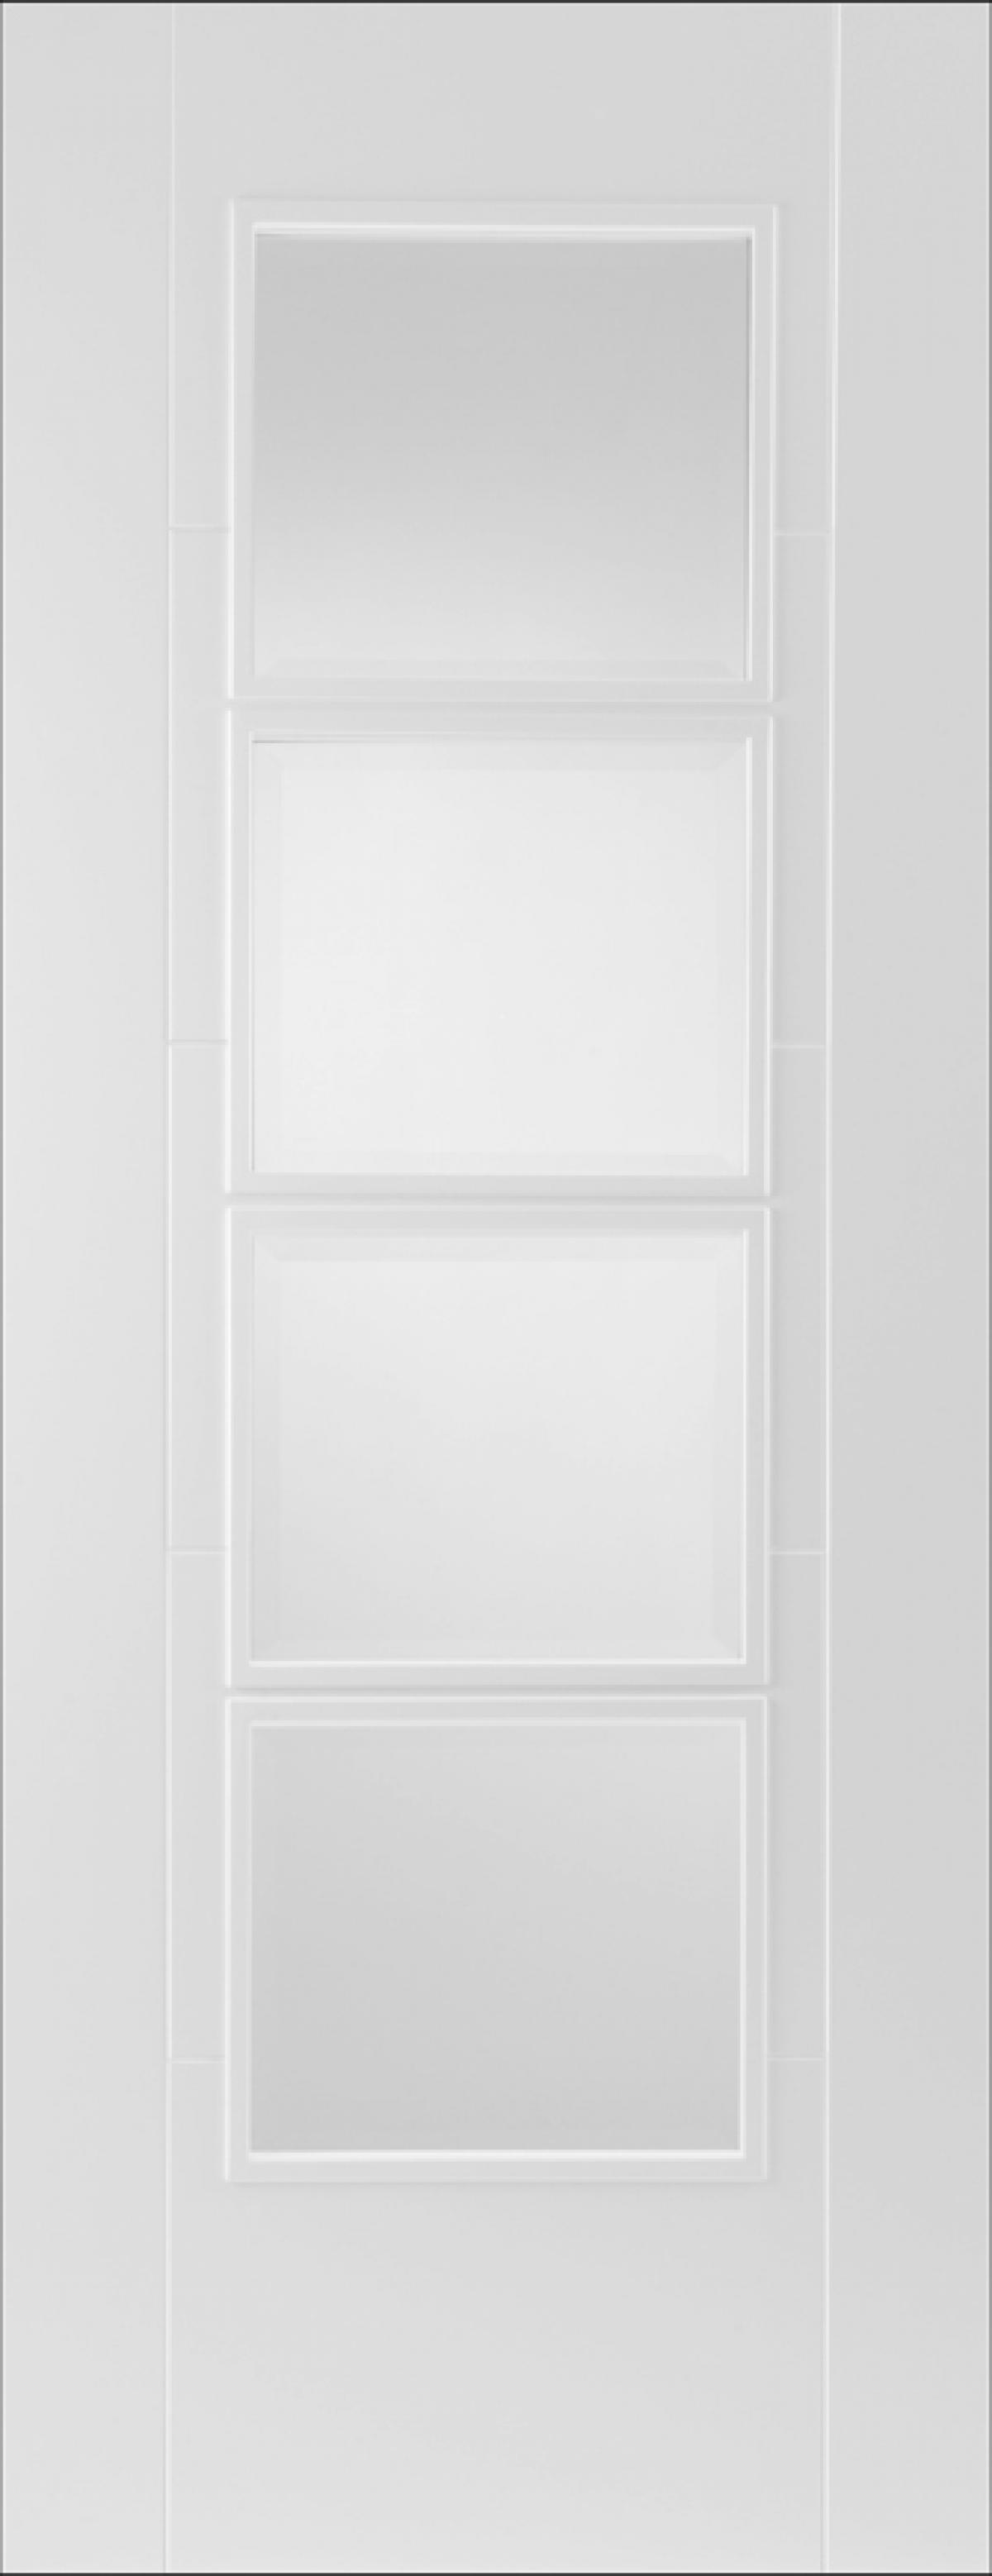 White Iseo 4 Light